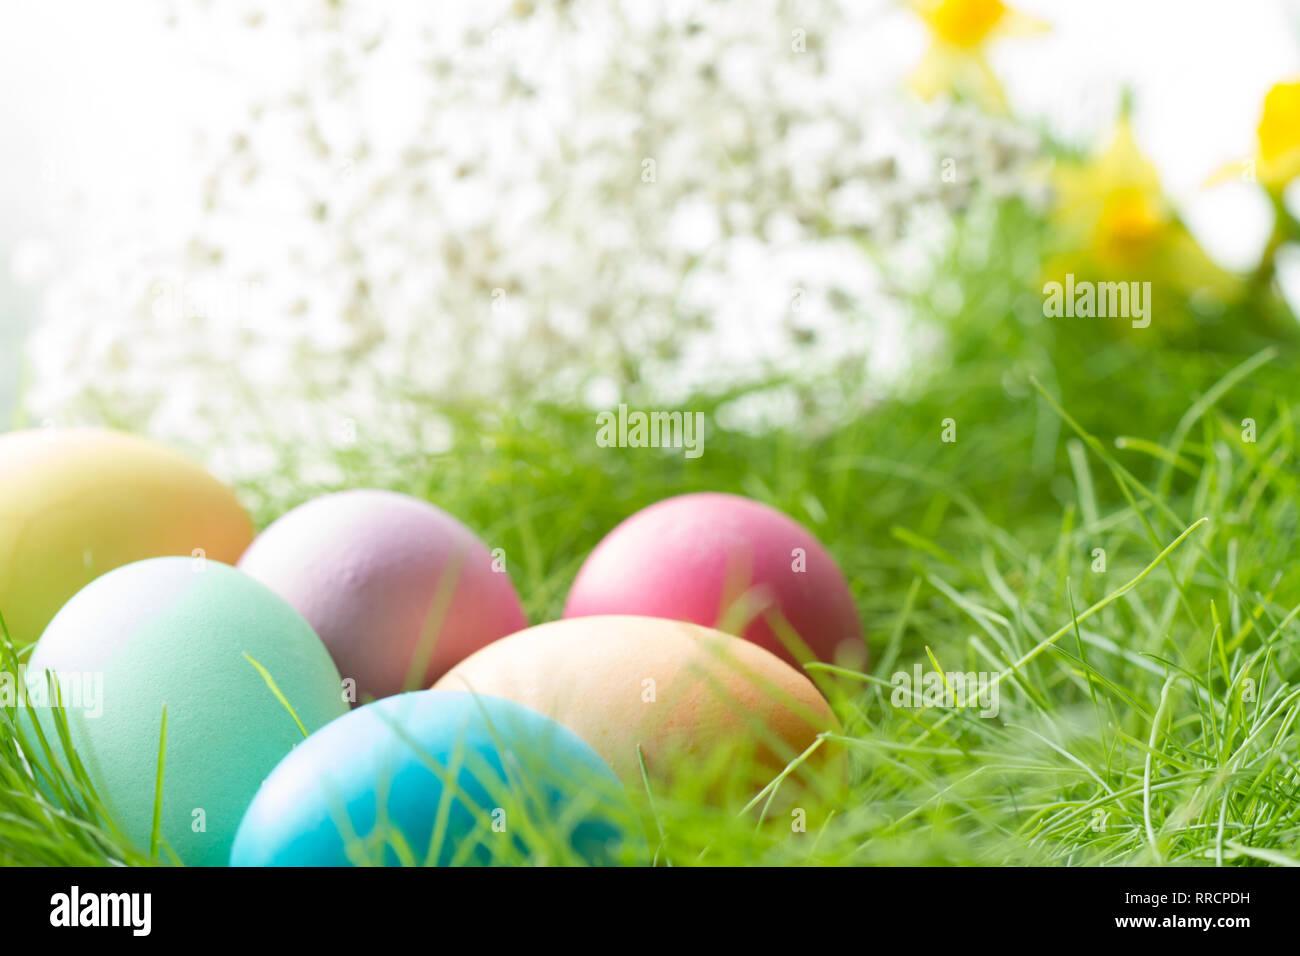 Ostern bunte Eier auf frühlingswiese im Sonnenlicht floral Abstract weiß grün Hintergrund Stockbild